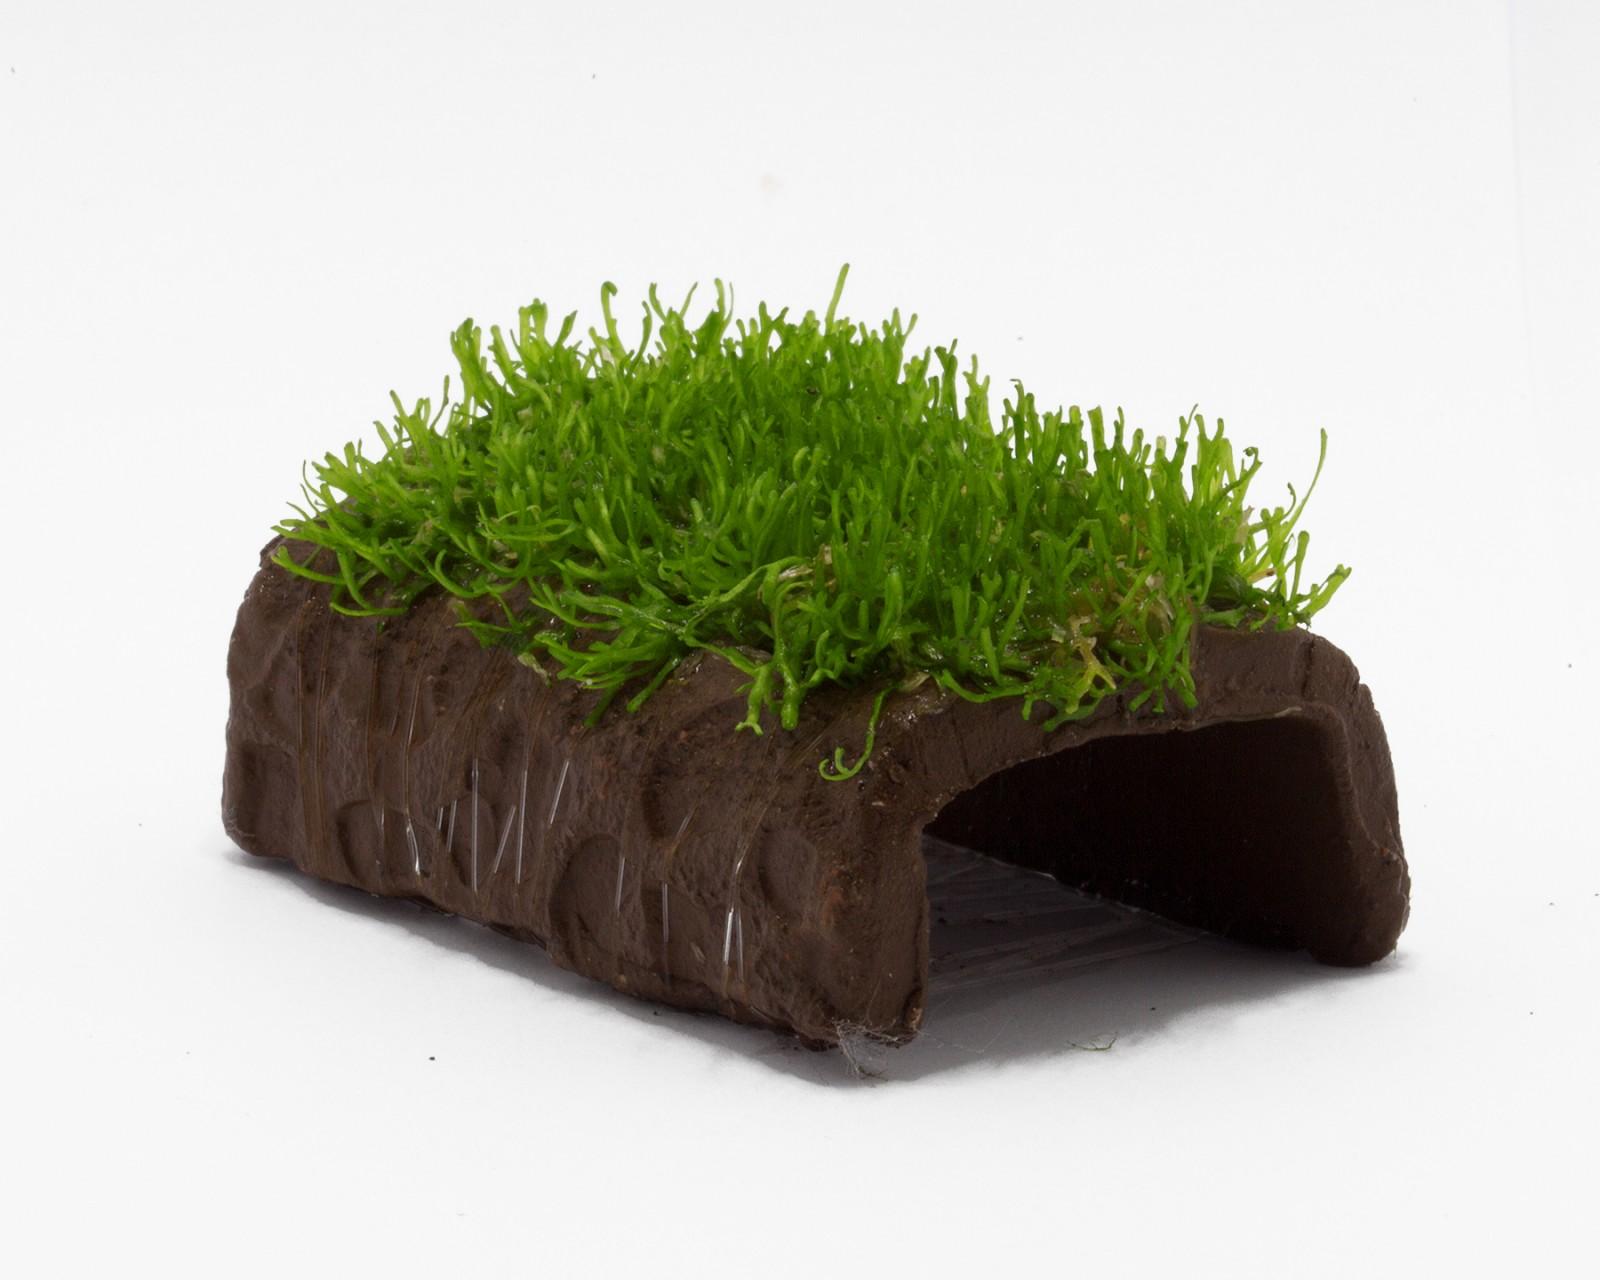 mit moos bepflanzte versteckpl tze aus keramik f r garnelen krebse und krabben im aquarium. Black Bedroom Furniture Sets. Home Design Ideas